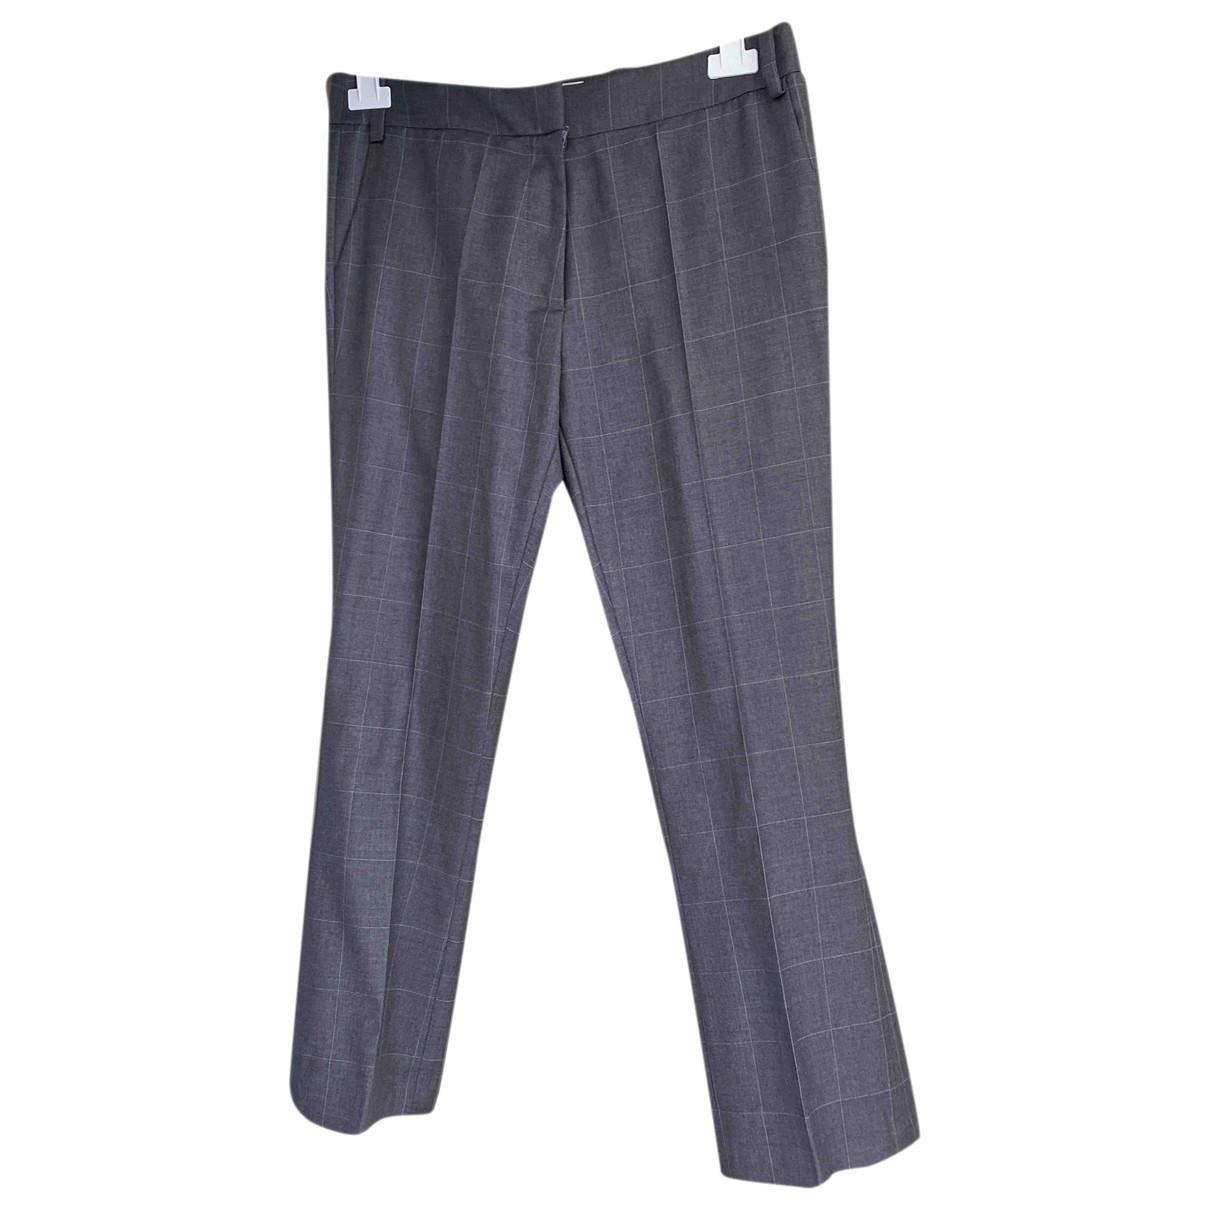 Pantalon corto de Lana Dmn